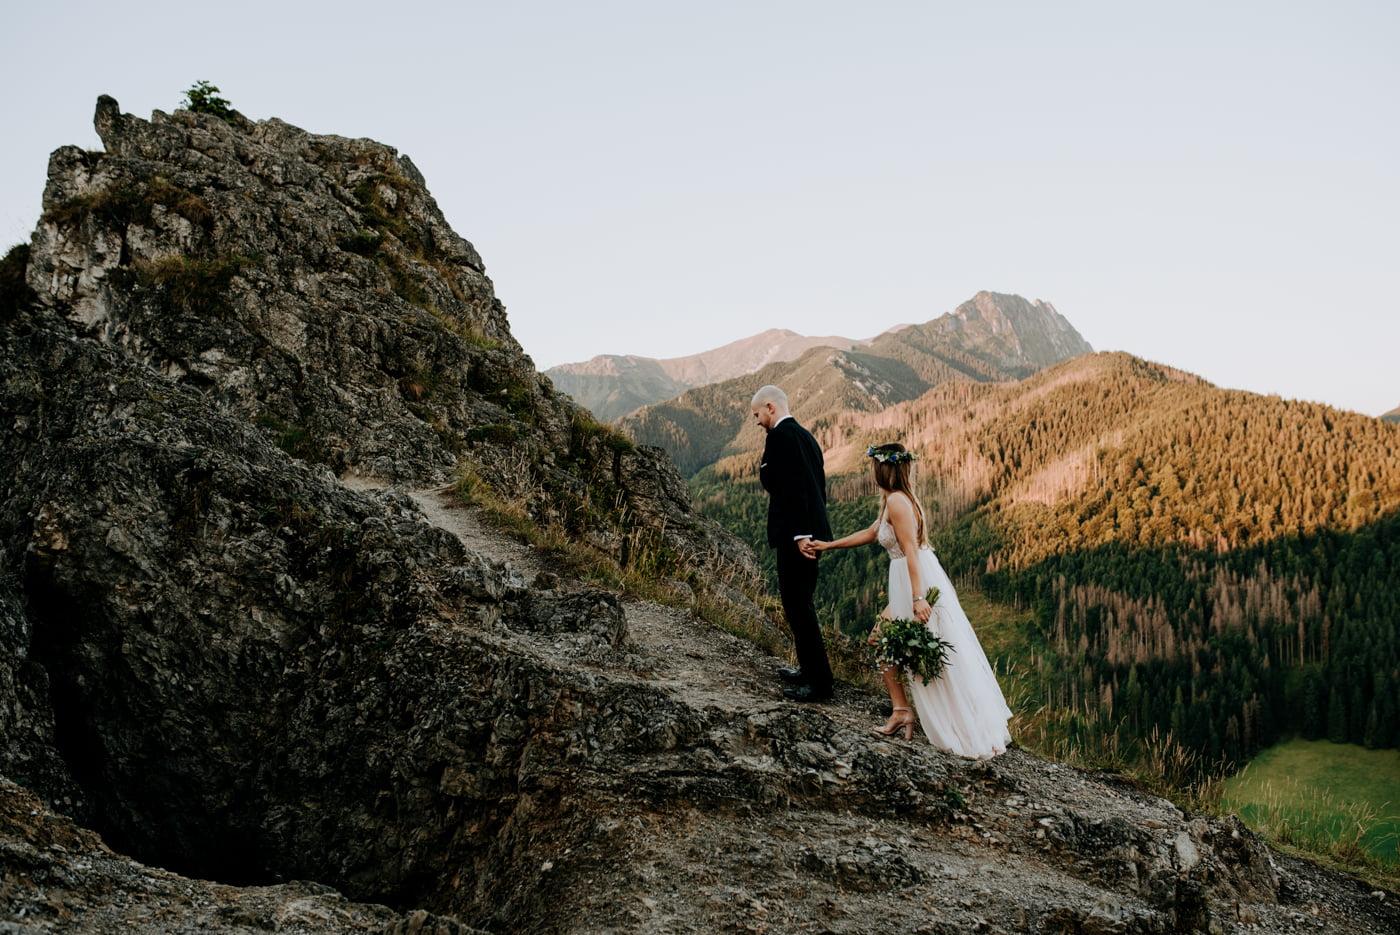 Sesja w górach – Kasia i Łukasz 2